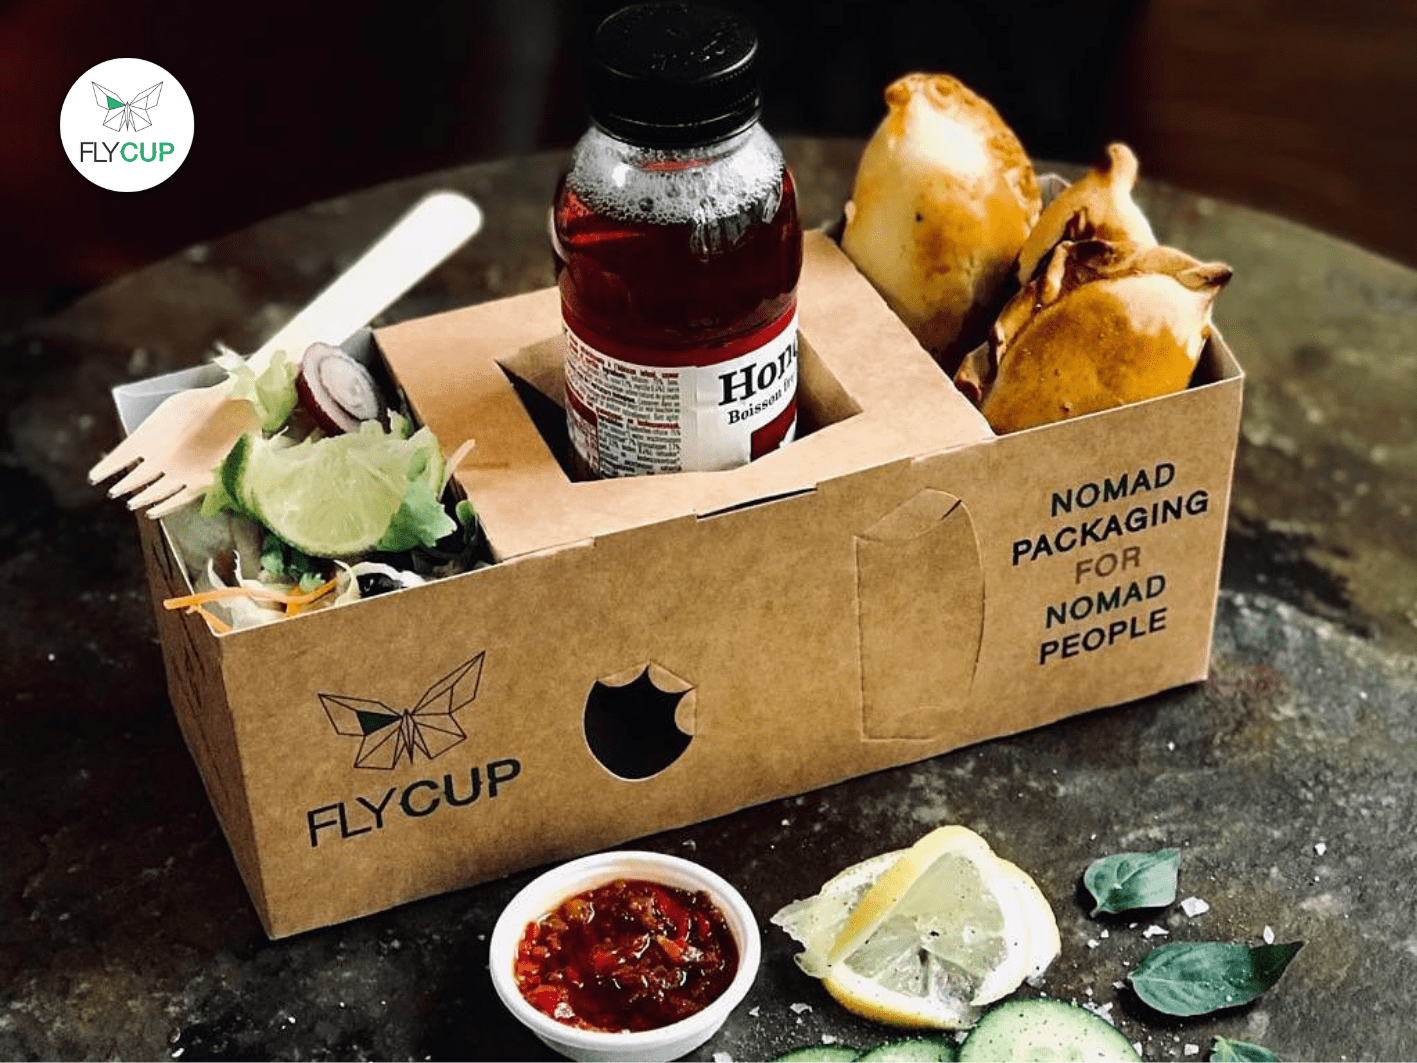 Flycup Packaging